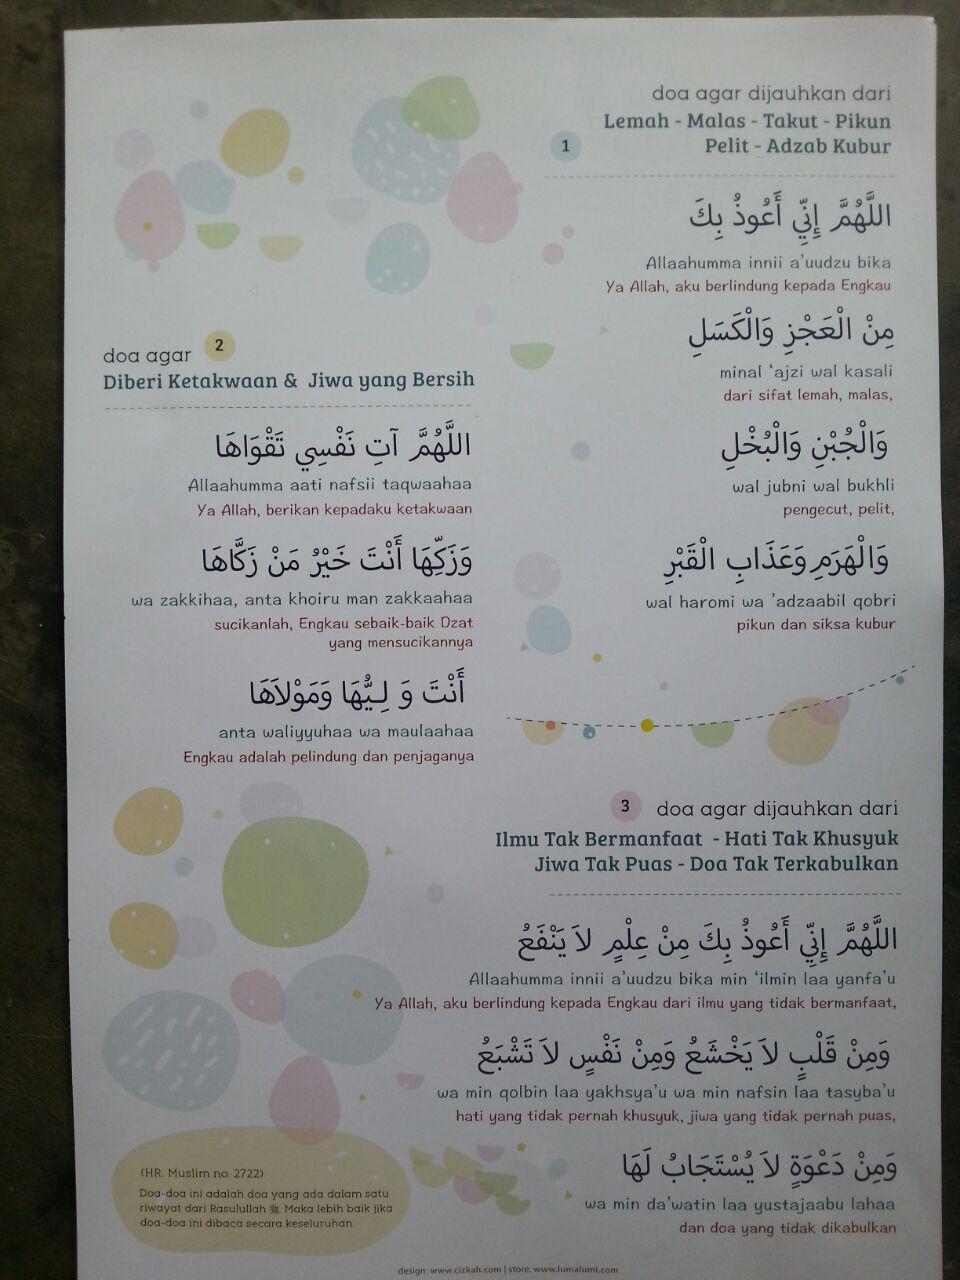 Poster Doa Agar Dijauhkan Dari Lemah Malas Takut Pikun Pelit isi